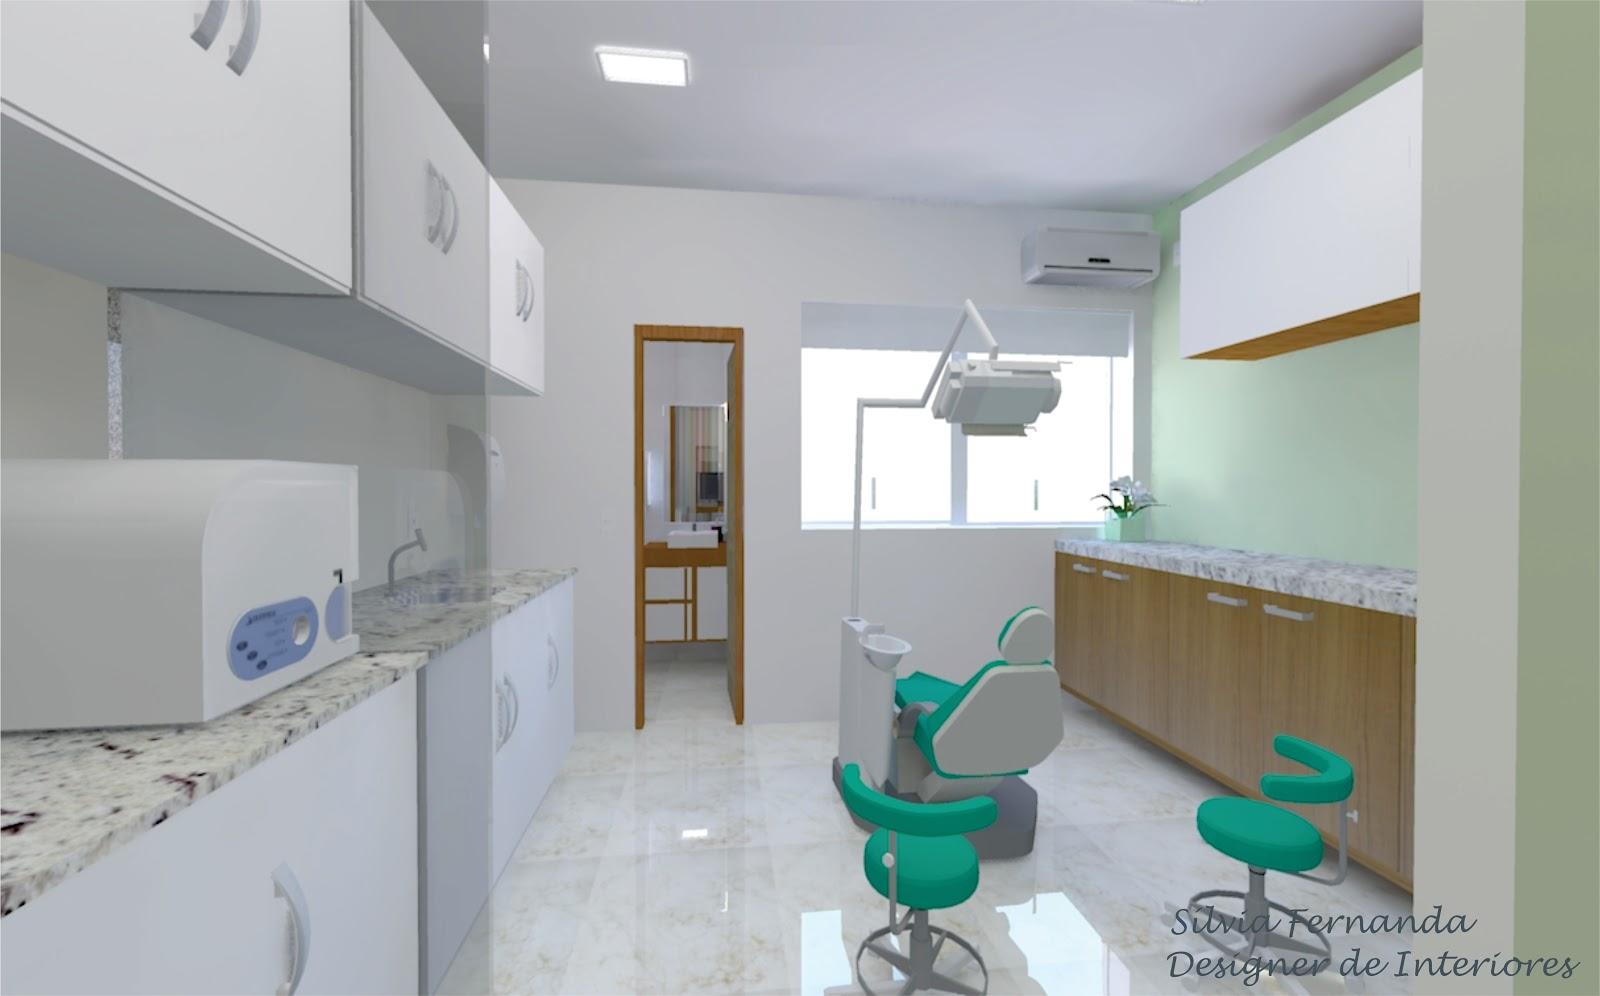 Criar Interiores : Banheiro azul e branco #167F6F 1600x996 Banheiro Branco E Azul